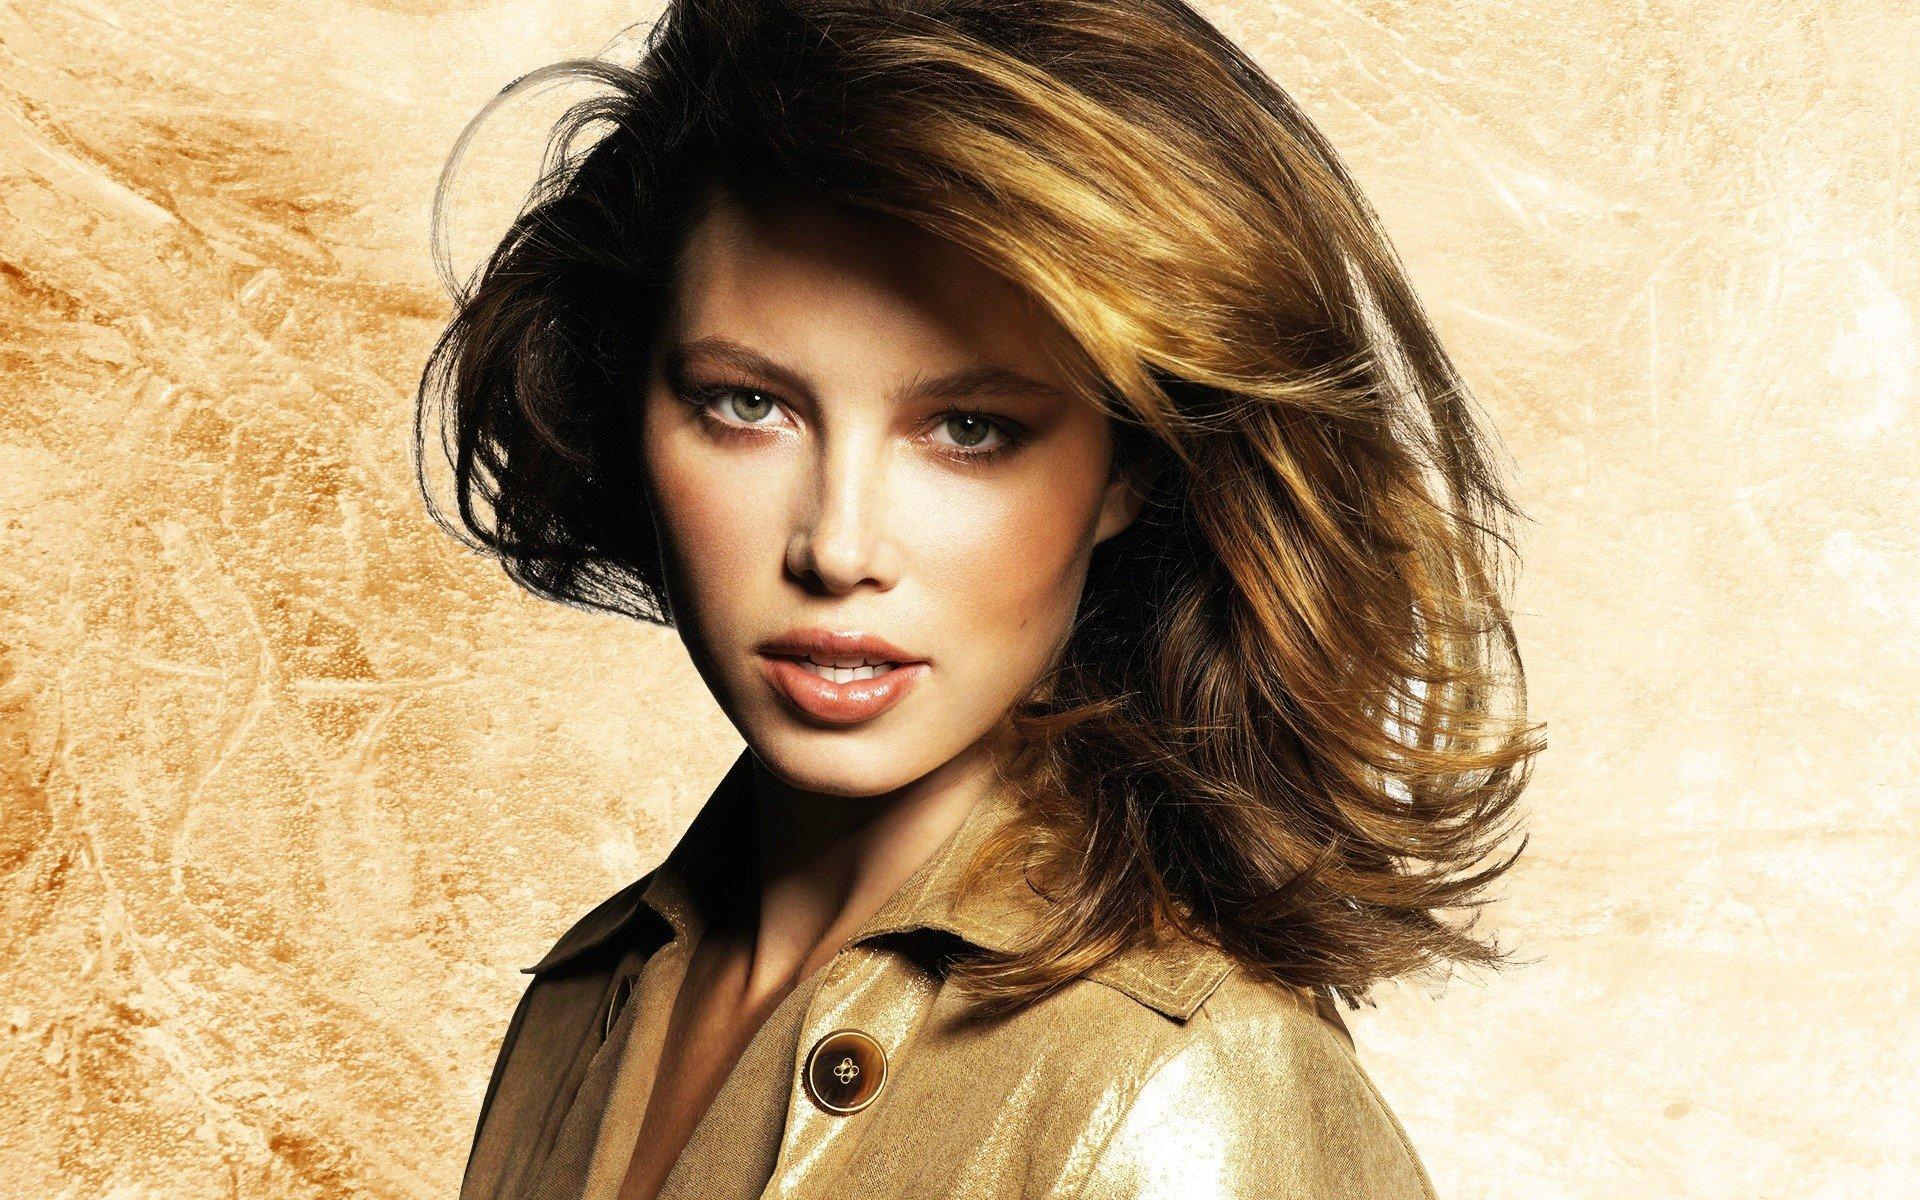 Wallpaper Model Jessica Biel